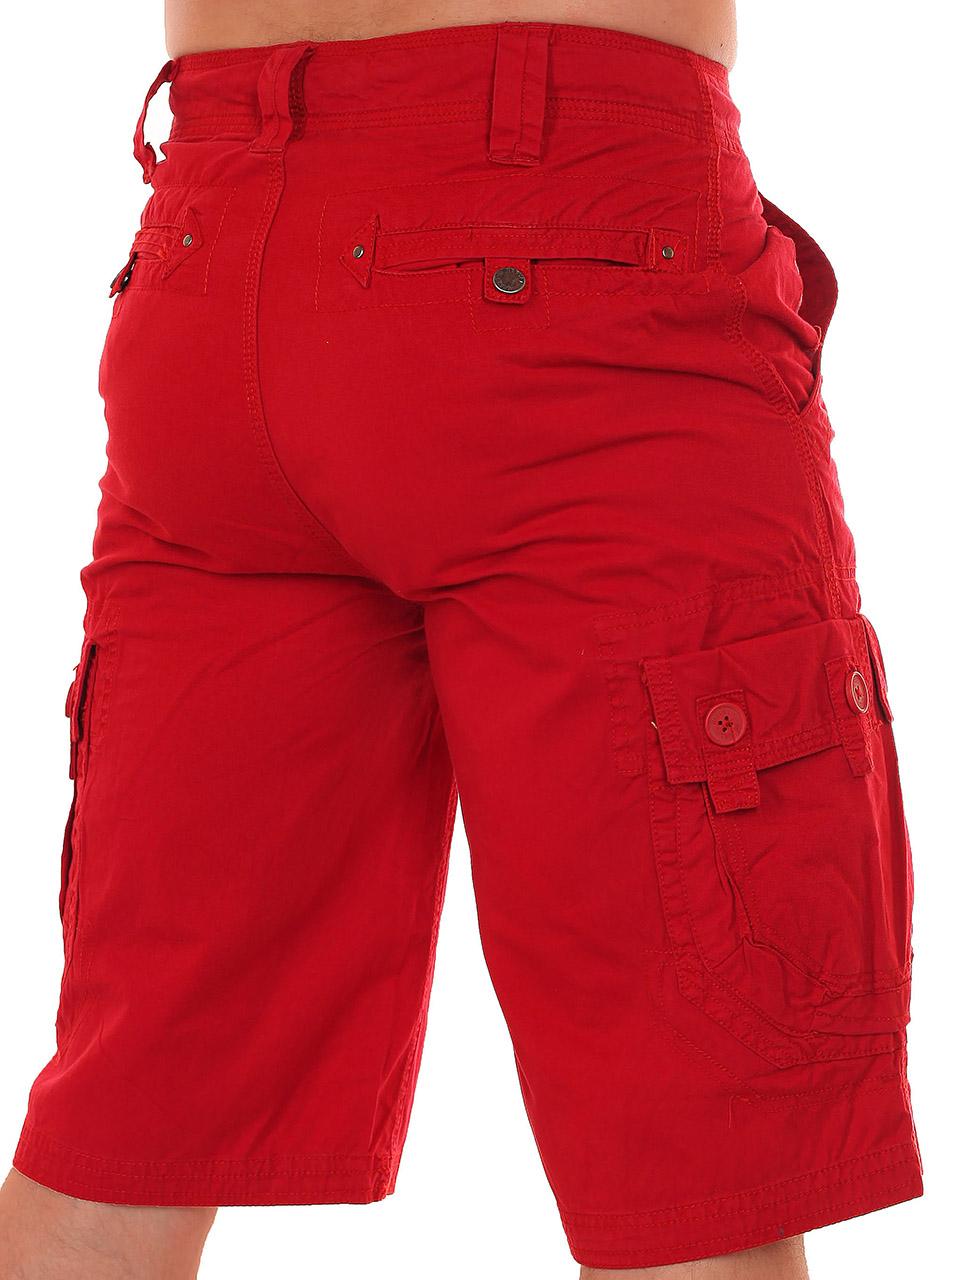 Модные мужские шорты красного цвета по лучшей цене